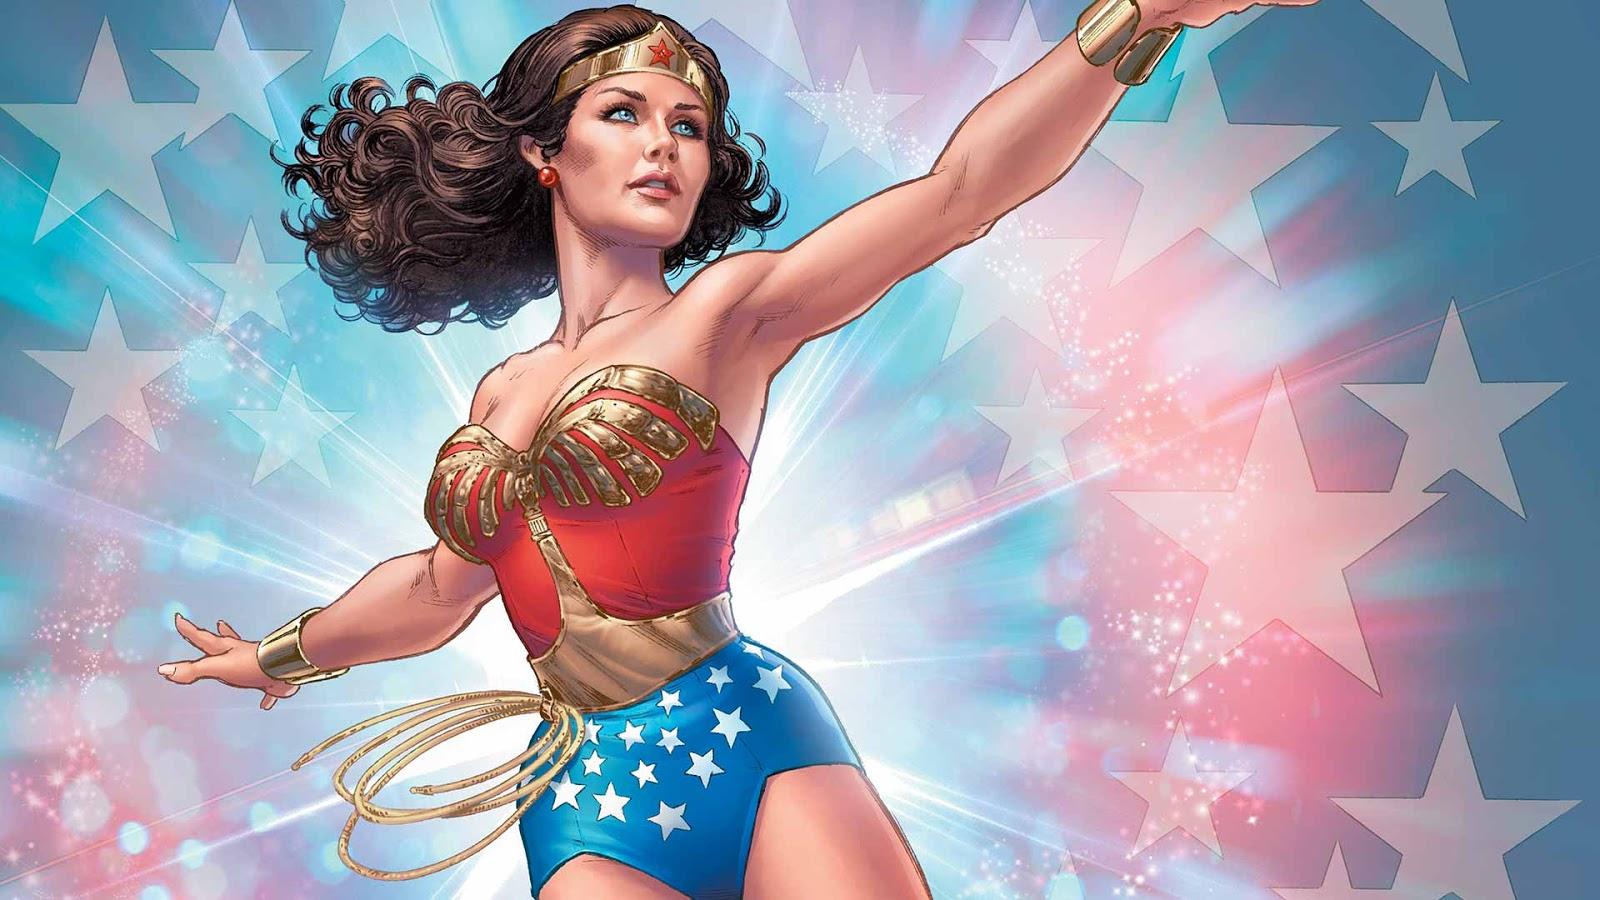 A ONU anunciou que sua nova campanha para empoderar meninas e mulheres será  encabeçada pela Mulher Maravilha. db70e422ea